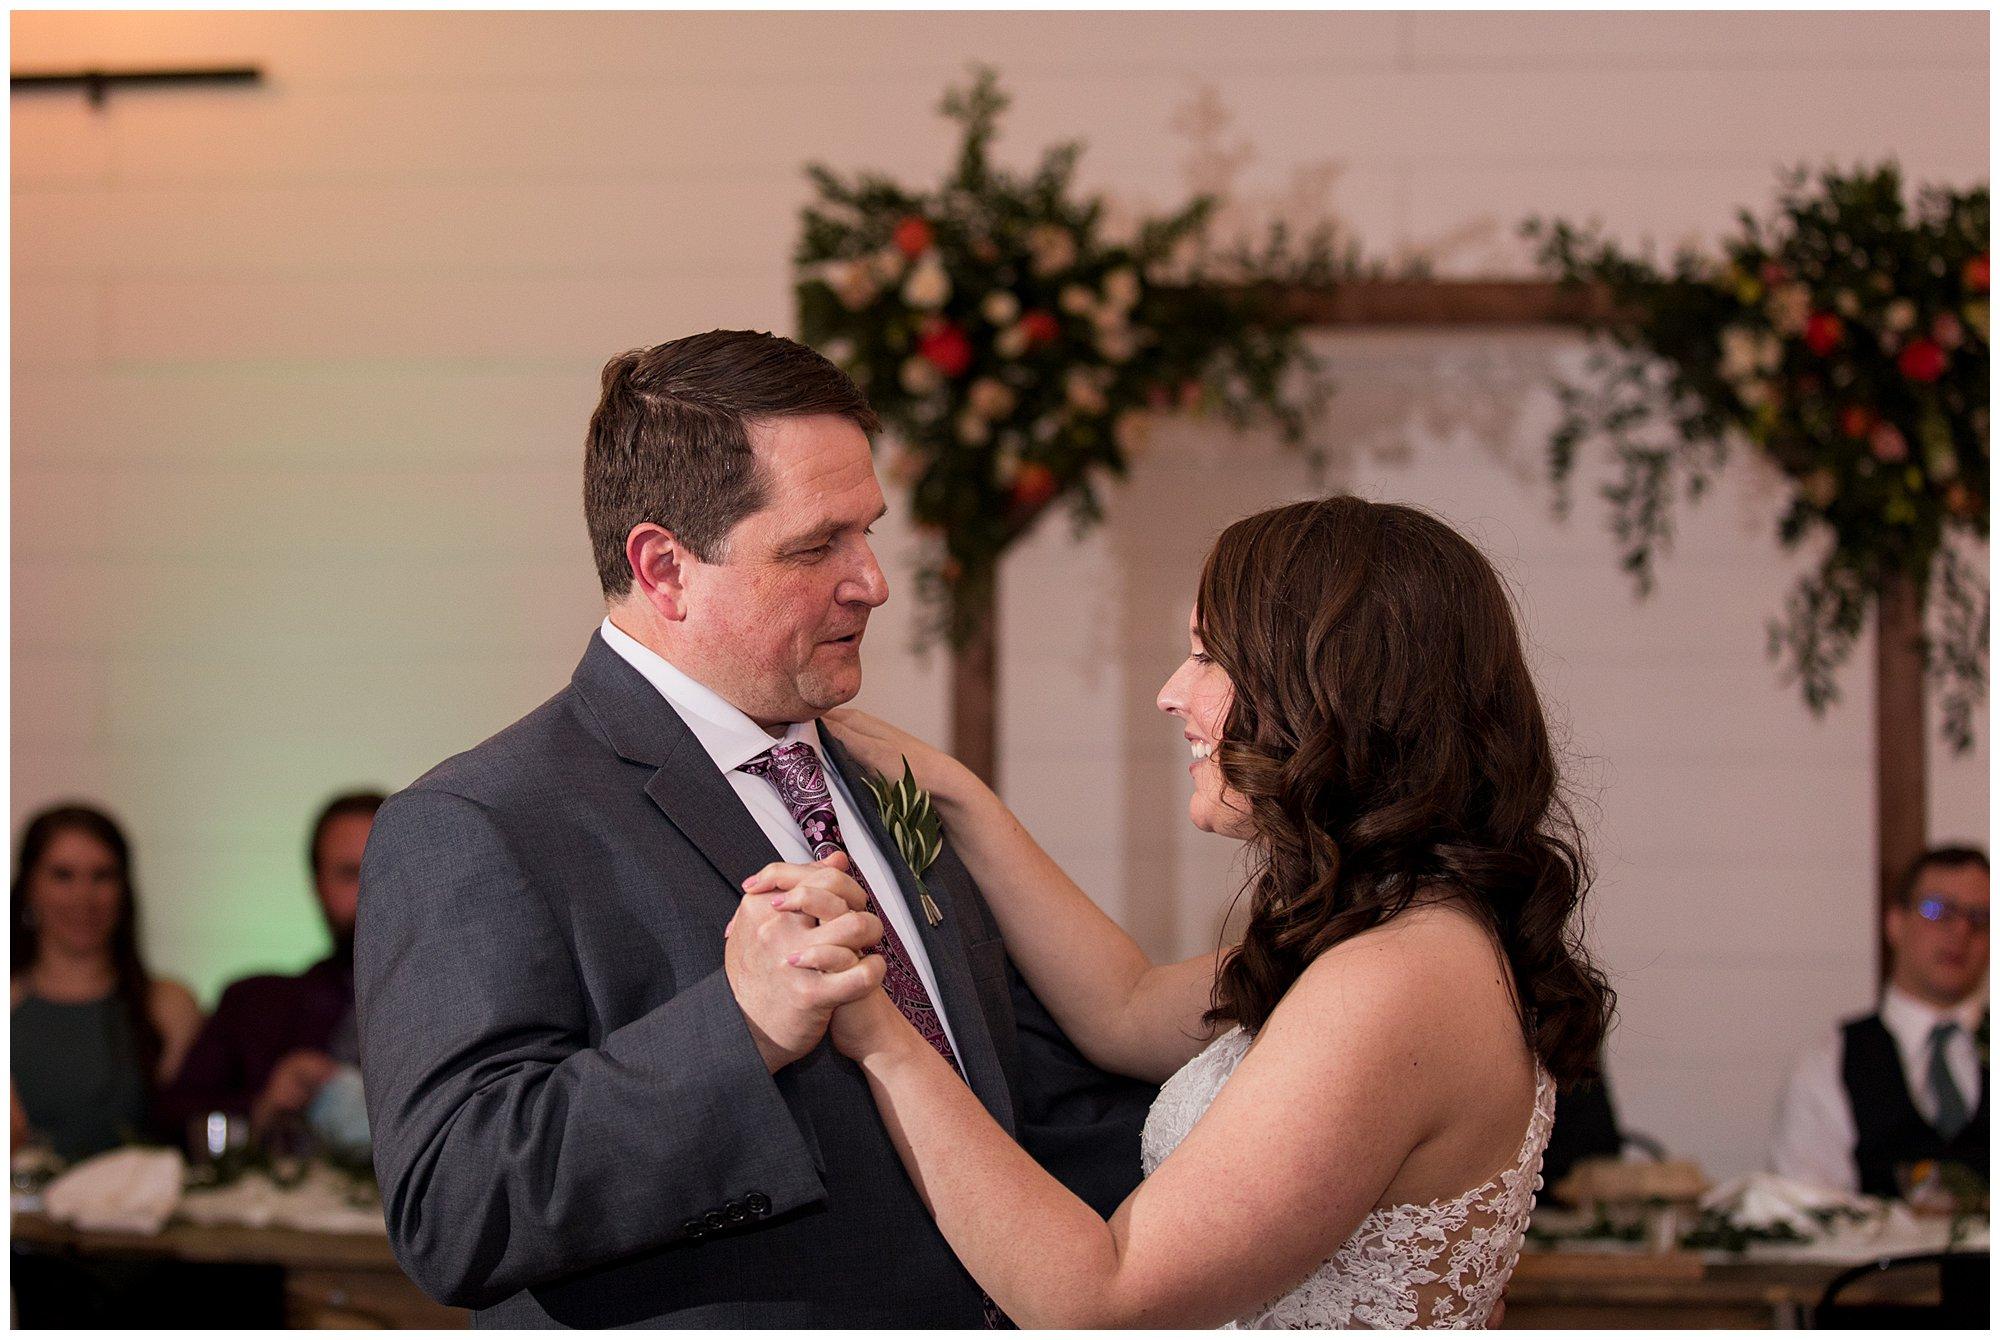 BASH wedding reception in Carmel